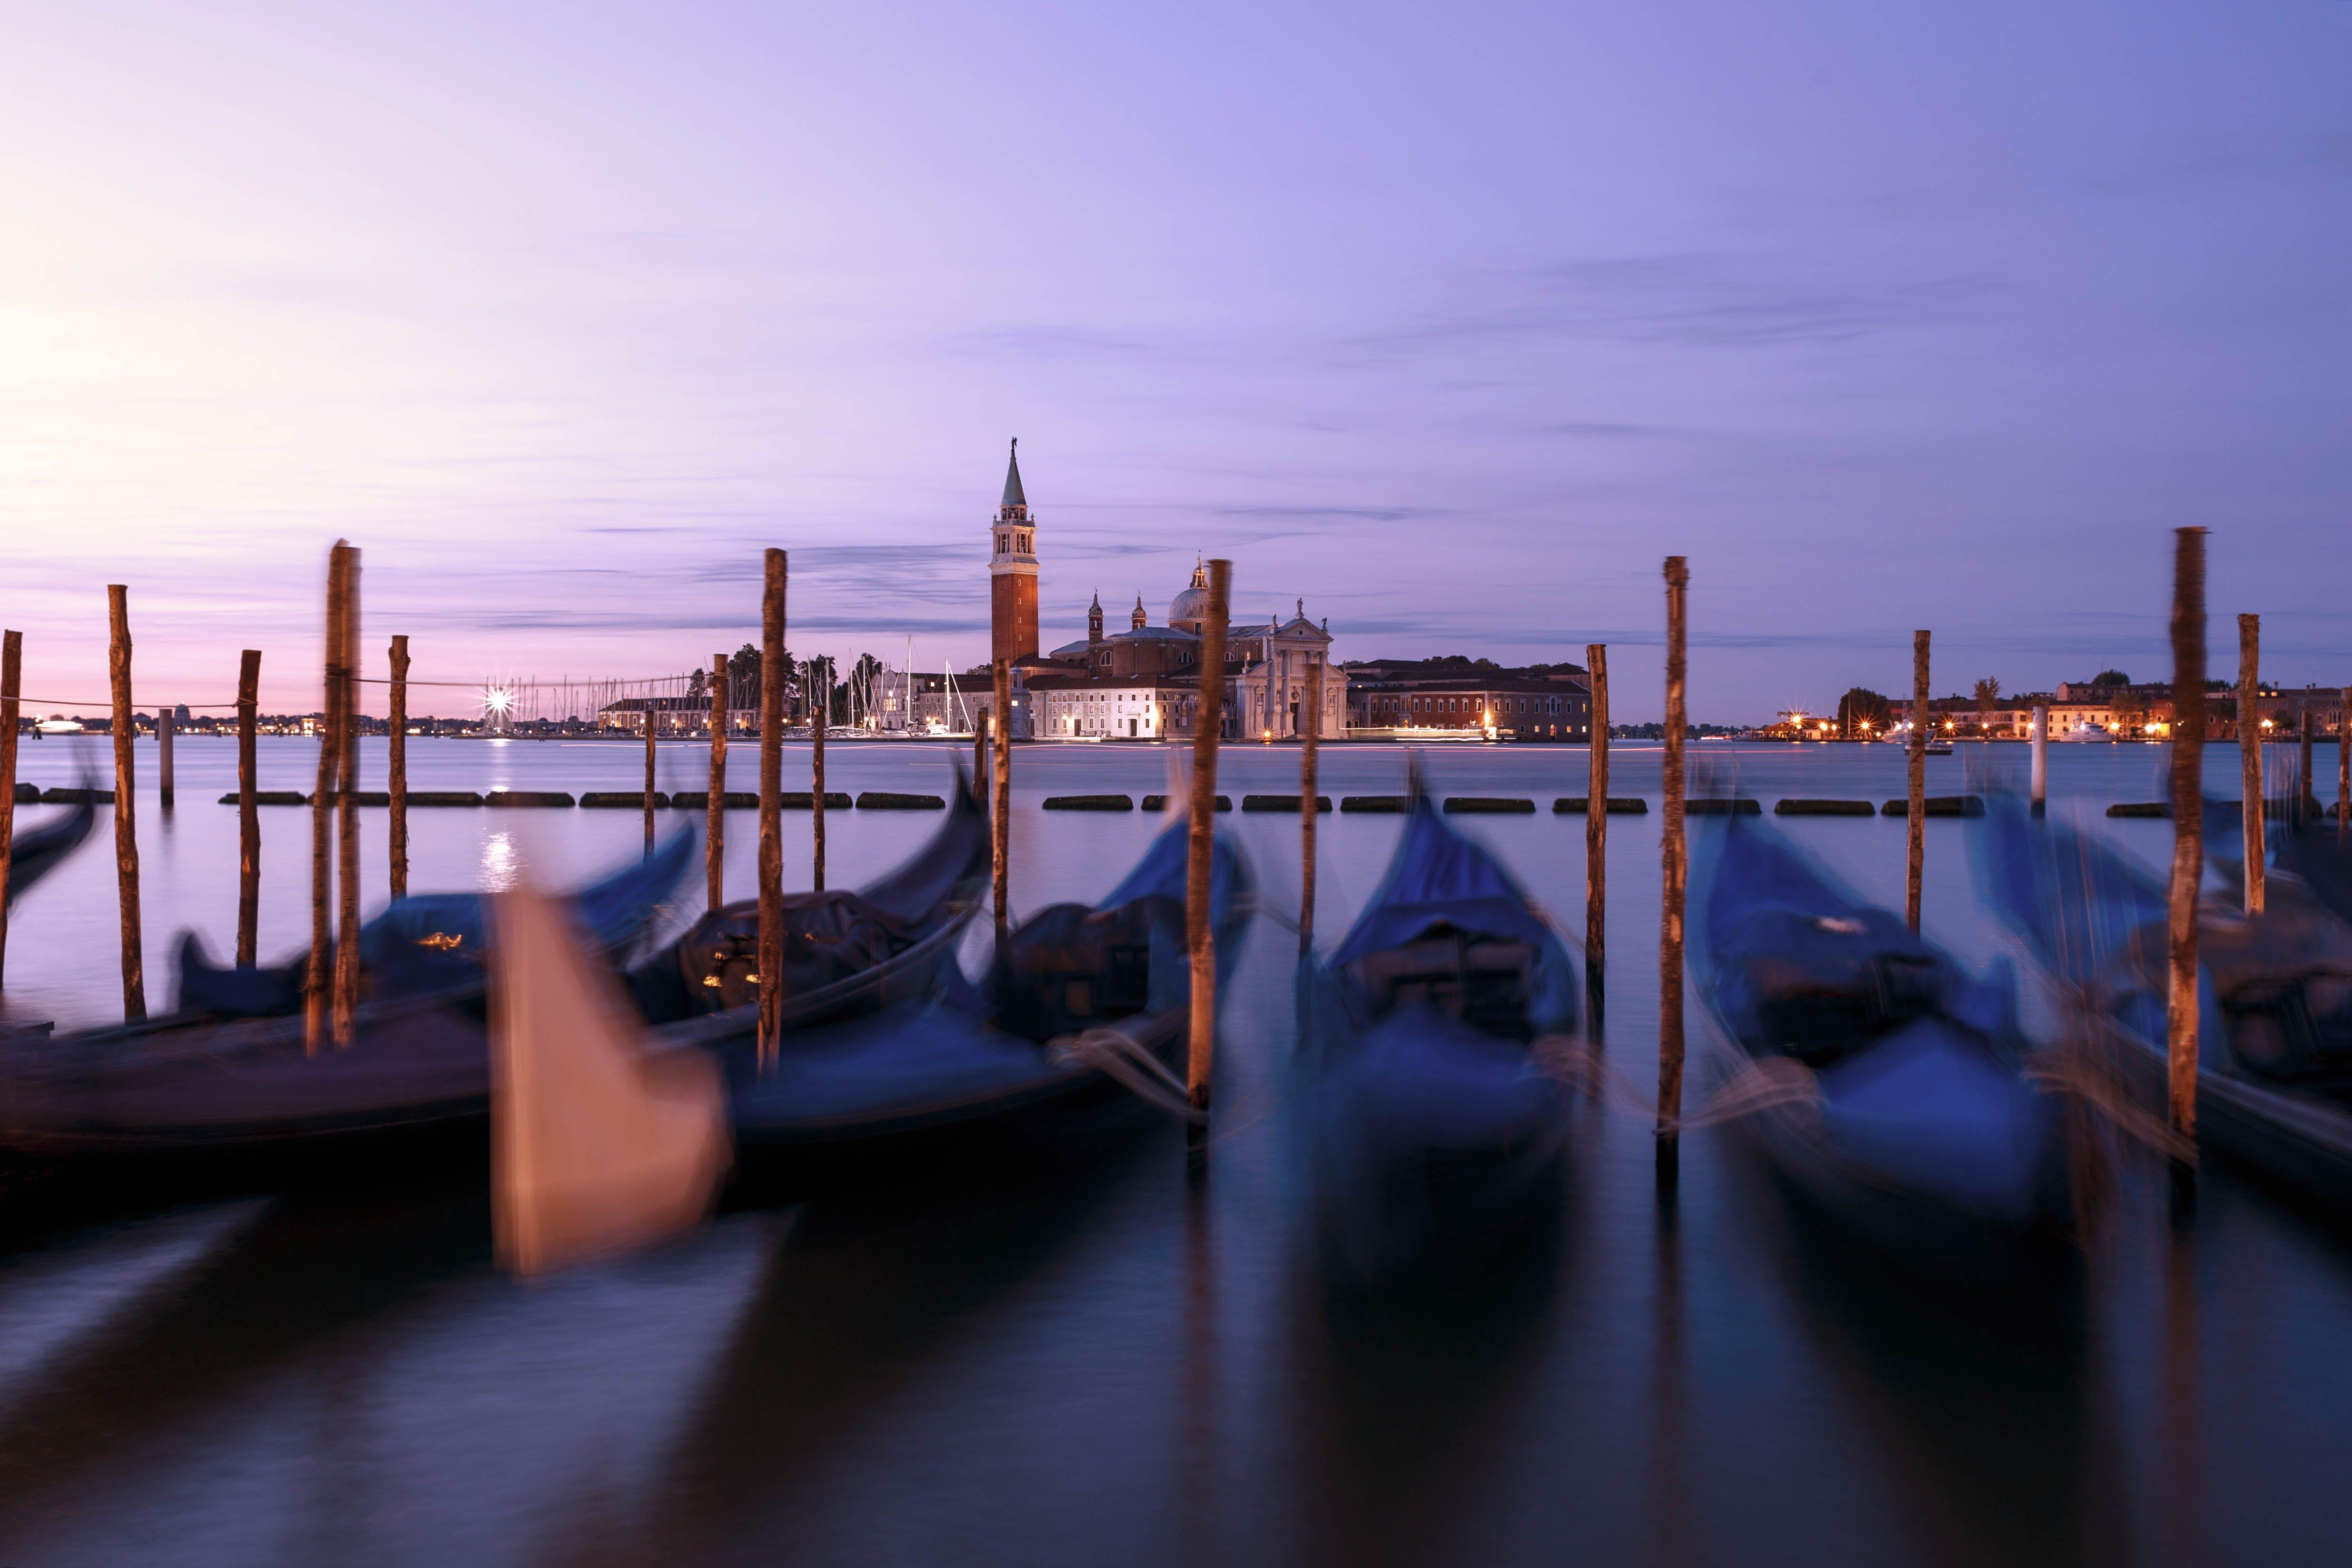 Gondola Boats in Venice Italy